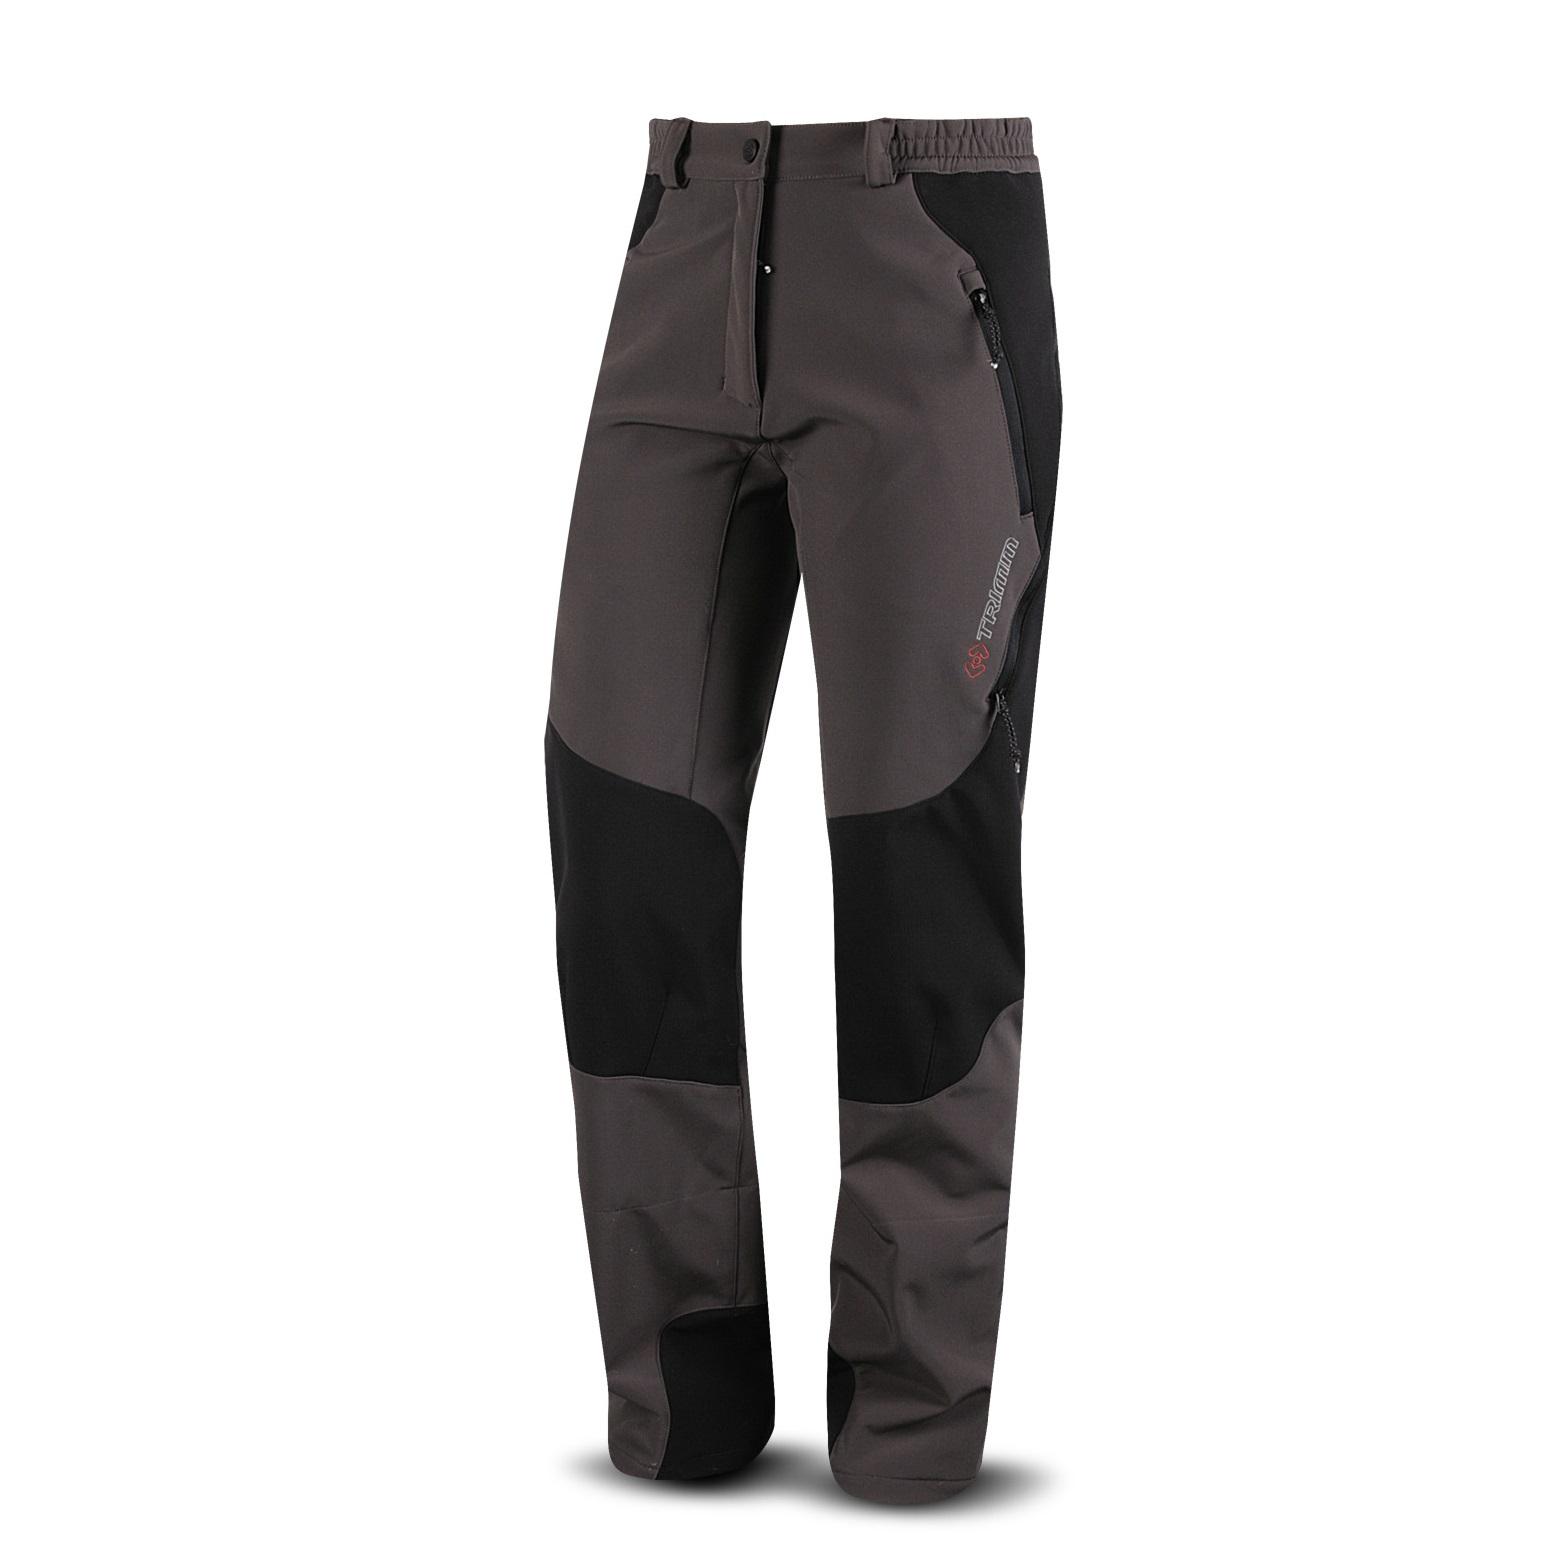 0689c27e22d Kalhoty Trimm GUIDE lady softshell - hnědá. Moderní dámské softshellové  kalhoty ...